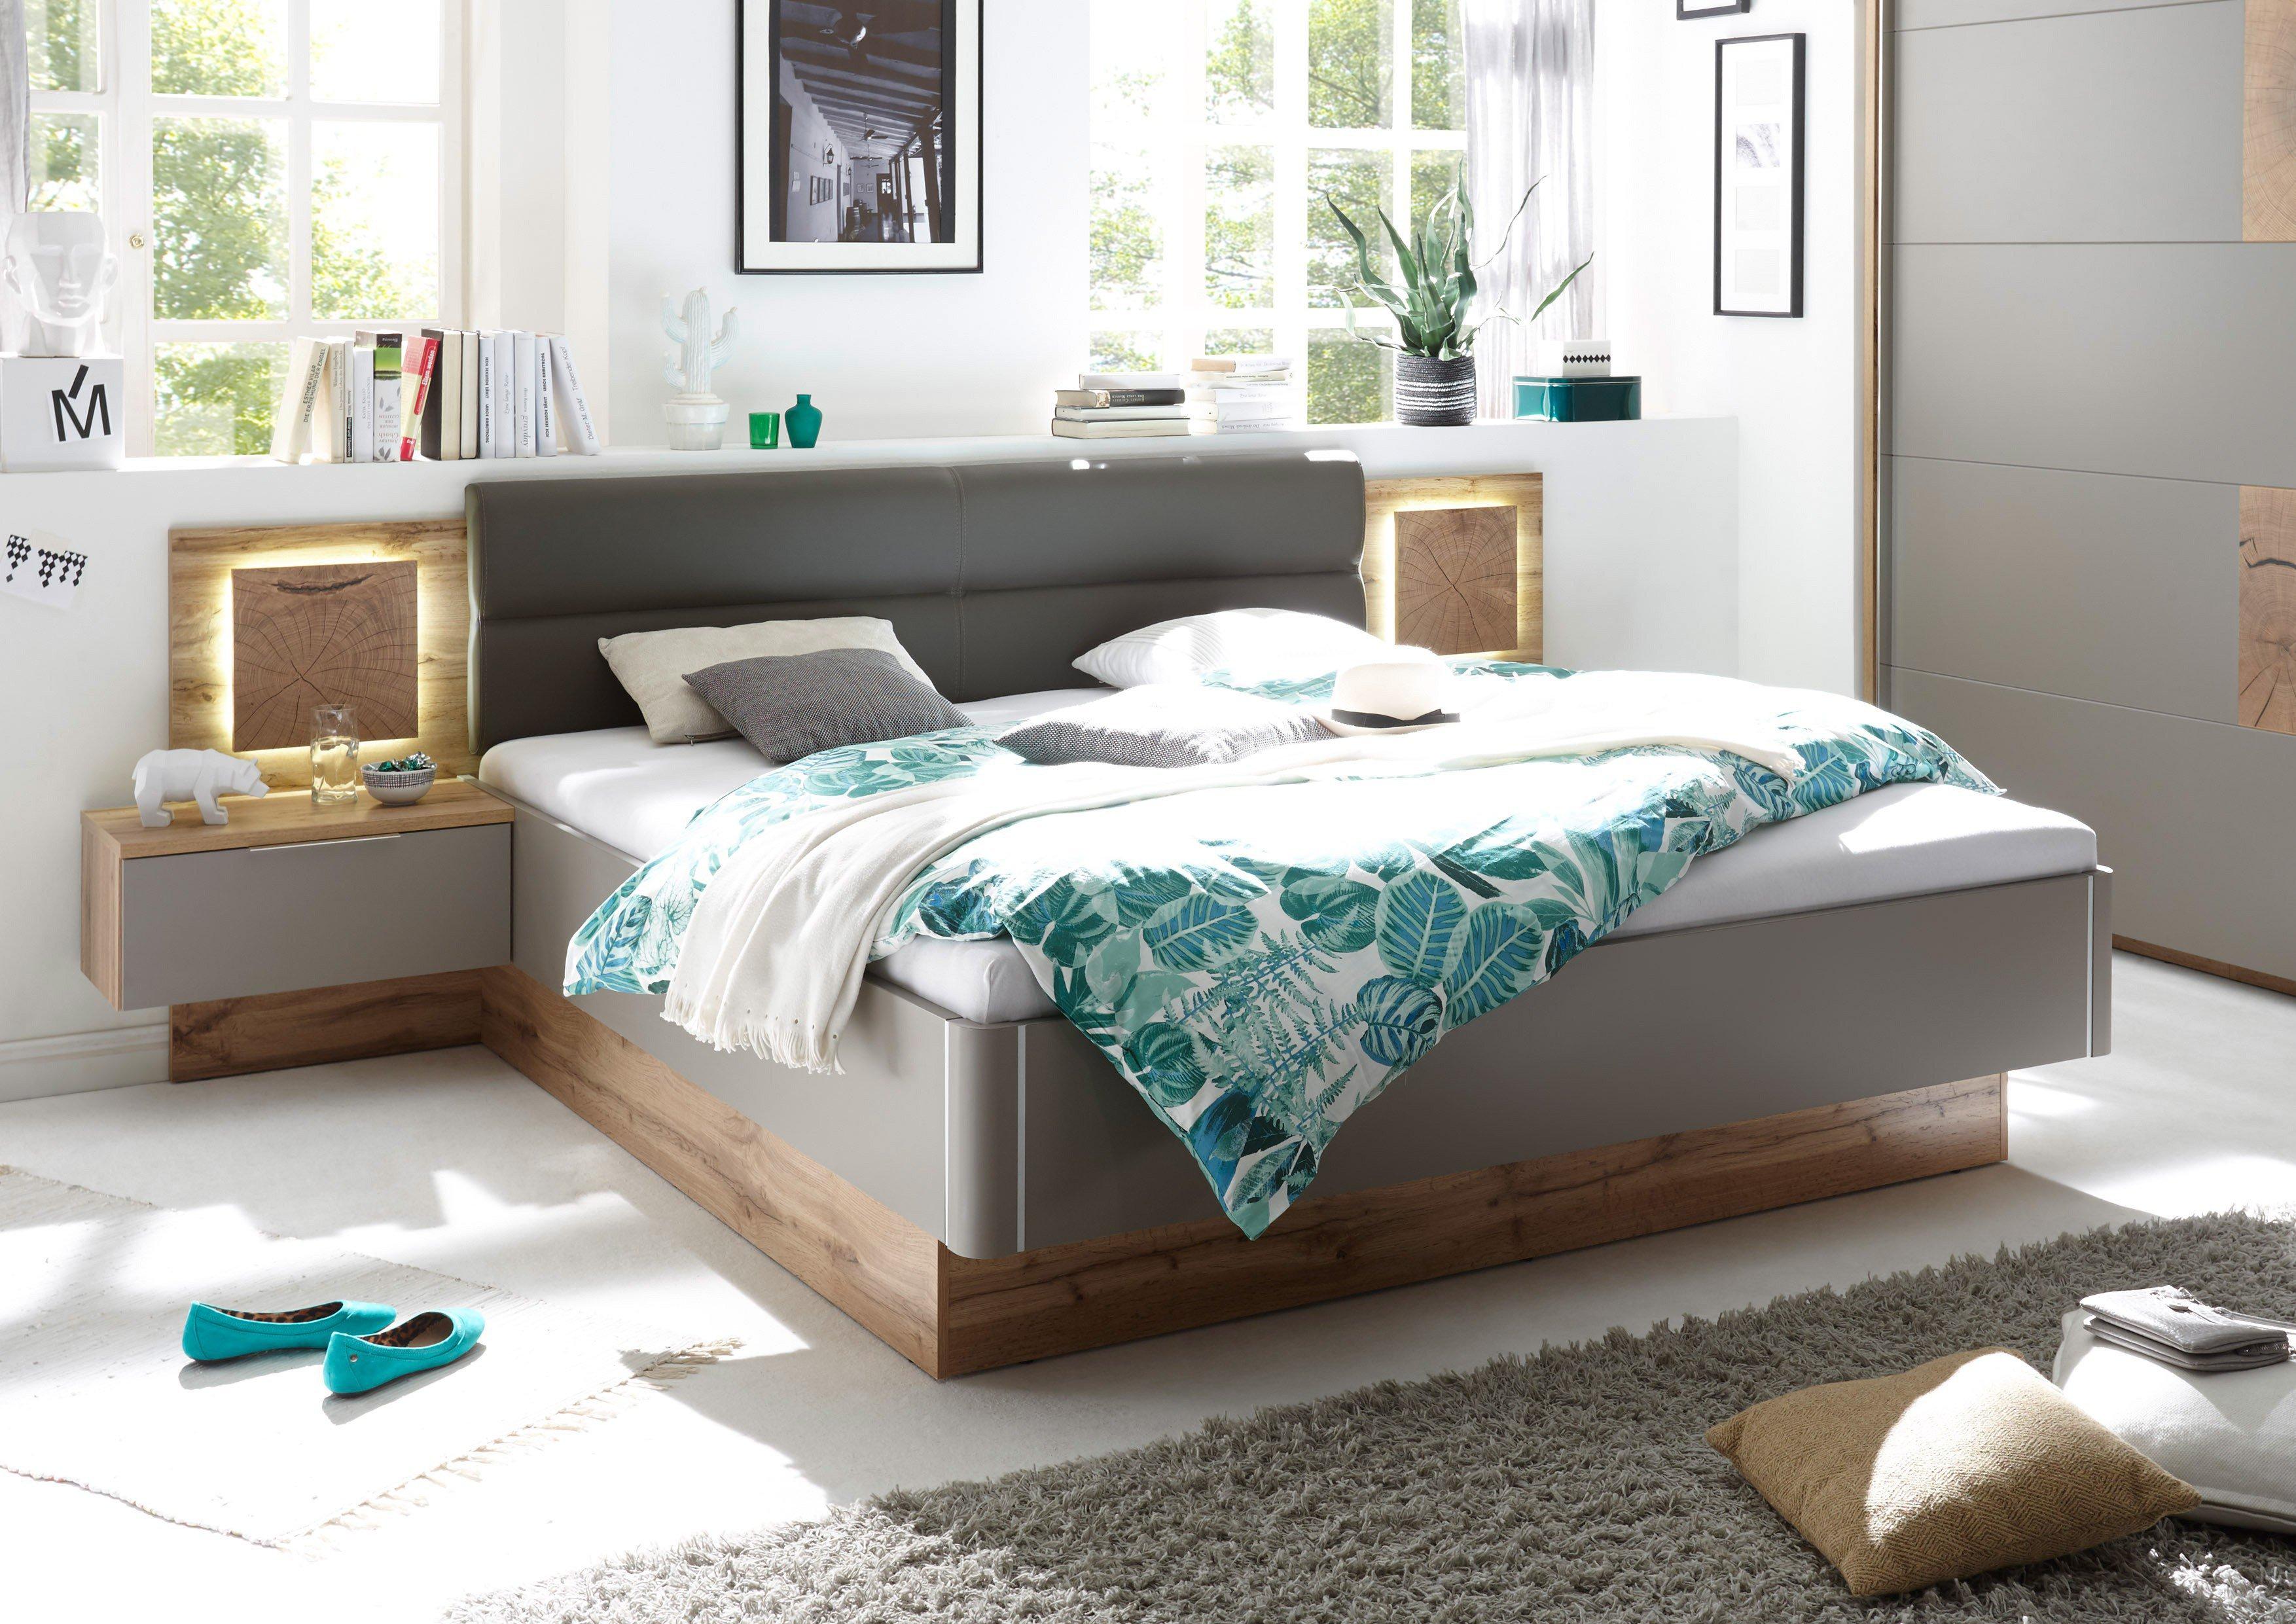 pol power capri schlafzimmer basalt hirnholz m bel letz ihr online shop. Black Bedroom Furniture Sets. Home Design Ideas